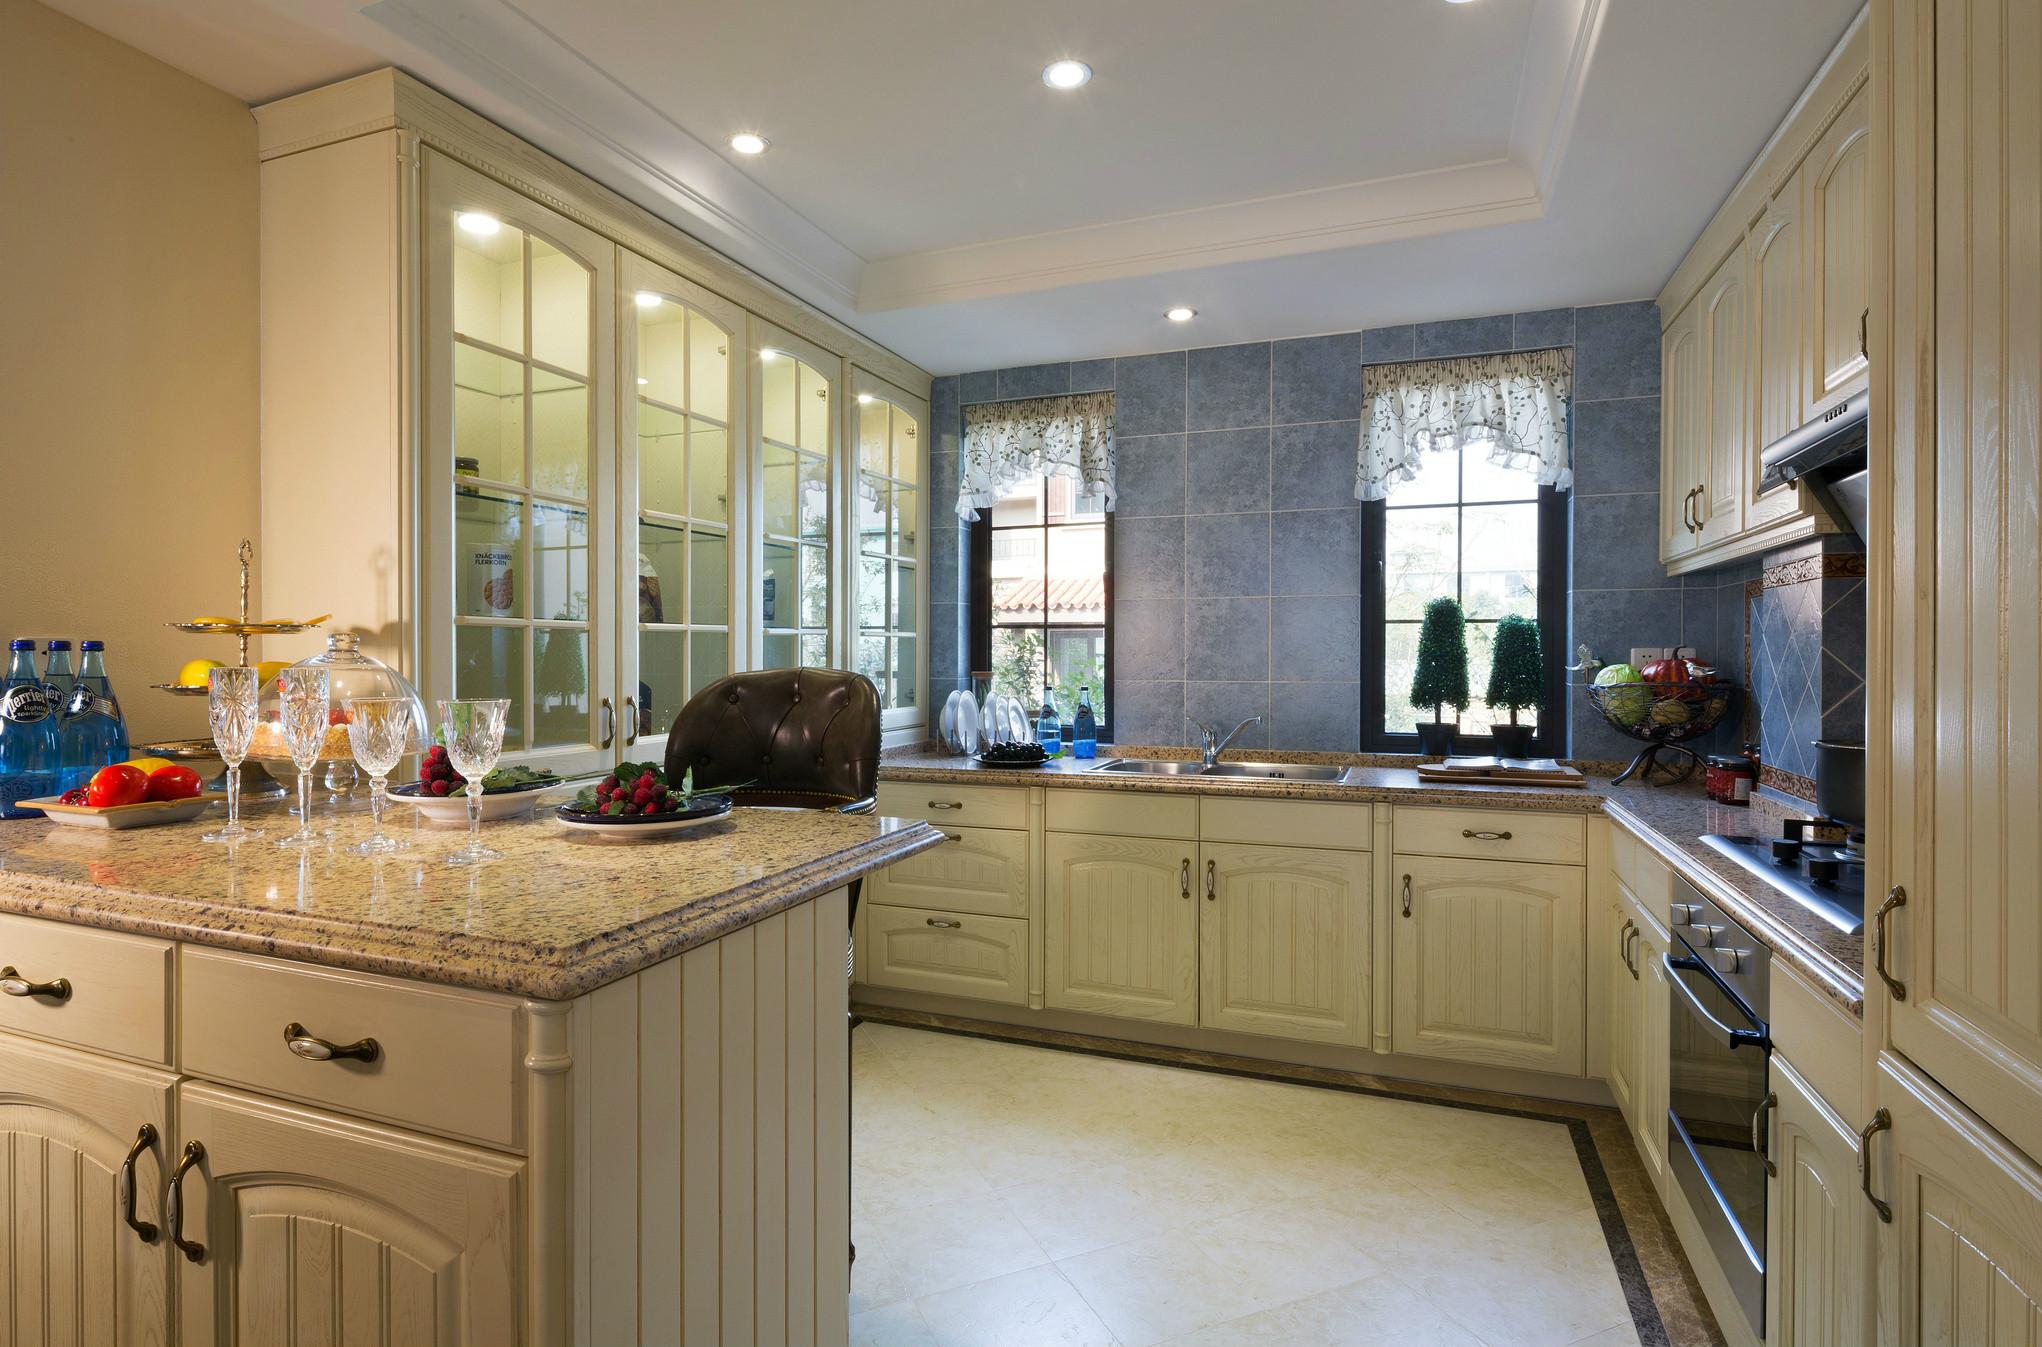 厨房的绿色基调延伸着空间简洁舒适的主旋律,浓情绿中多了份一个活跃的音符